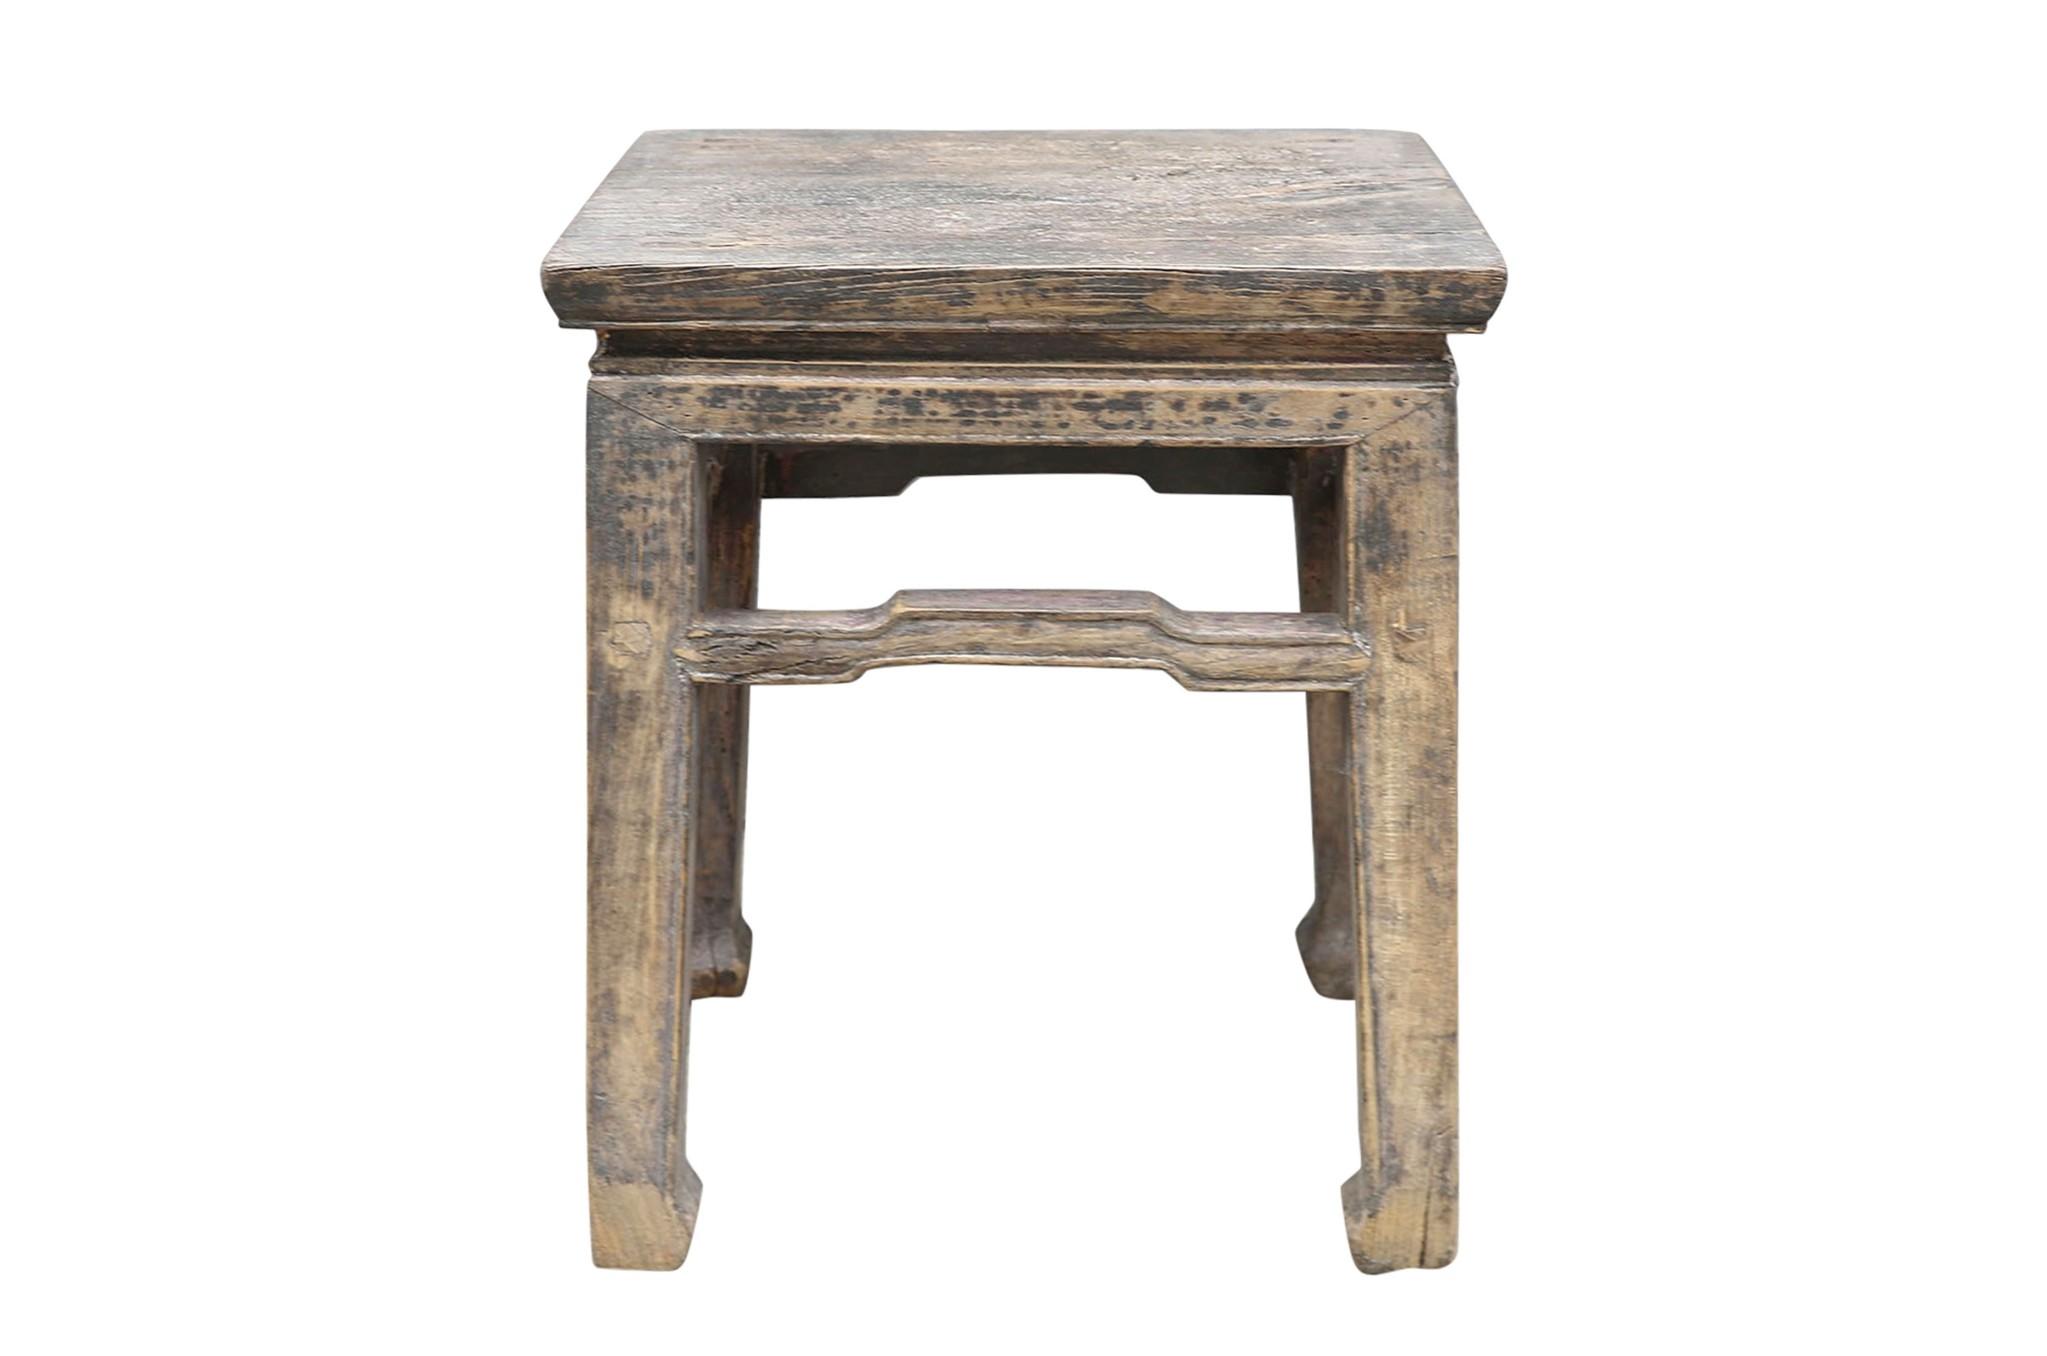 Petite Lily Interiors Vintage side table - raw elm wood - 41x32xh48cm - unique item